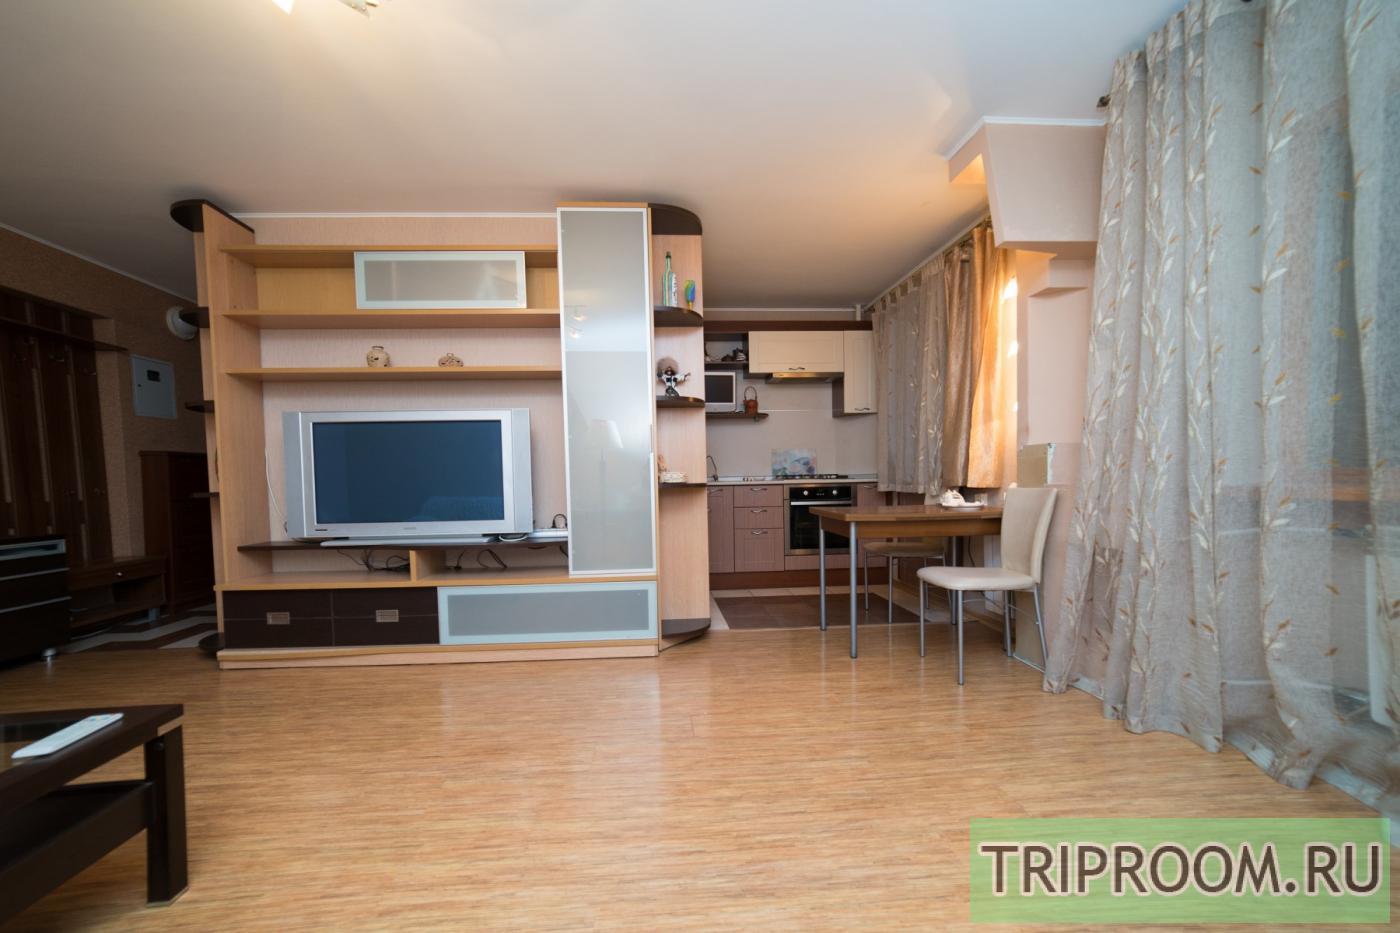 2-комнатная квартира посуточно (вариант № 27140), ул. Ленина улица, фото № 2